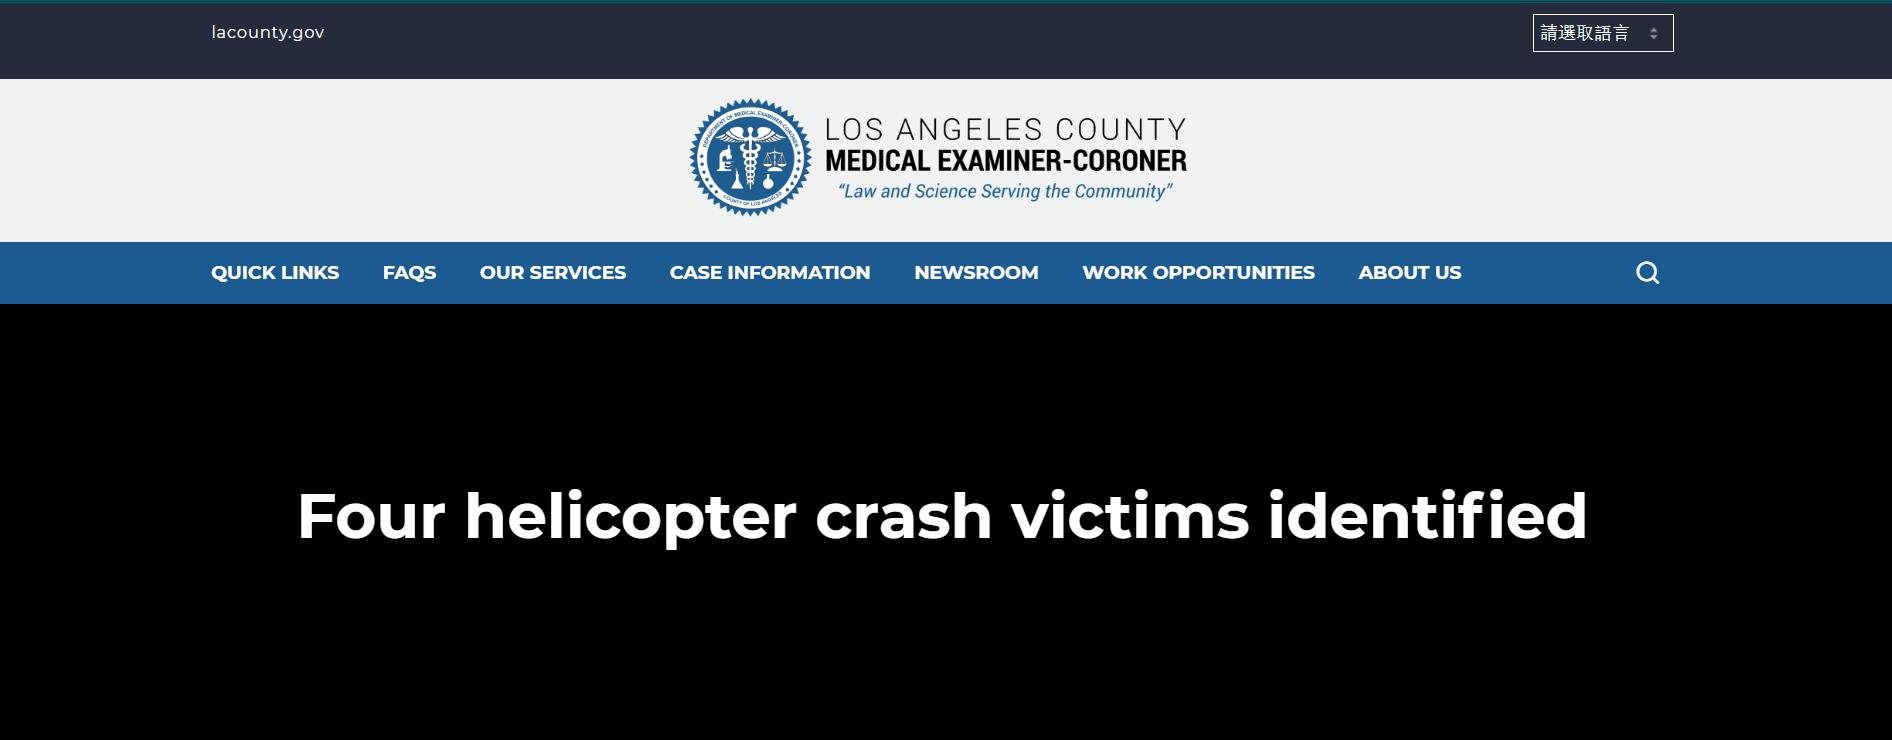 洛杉矶医学检验局官方:科比在坠机事故中罹难-今球app官网